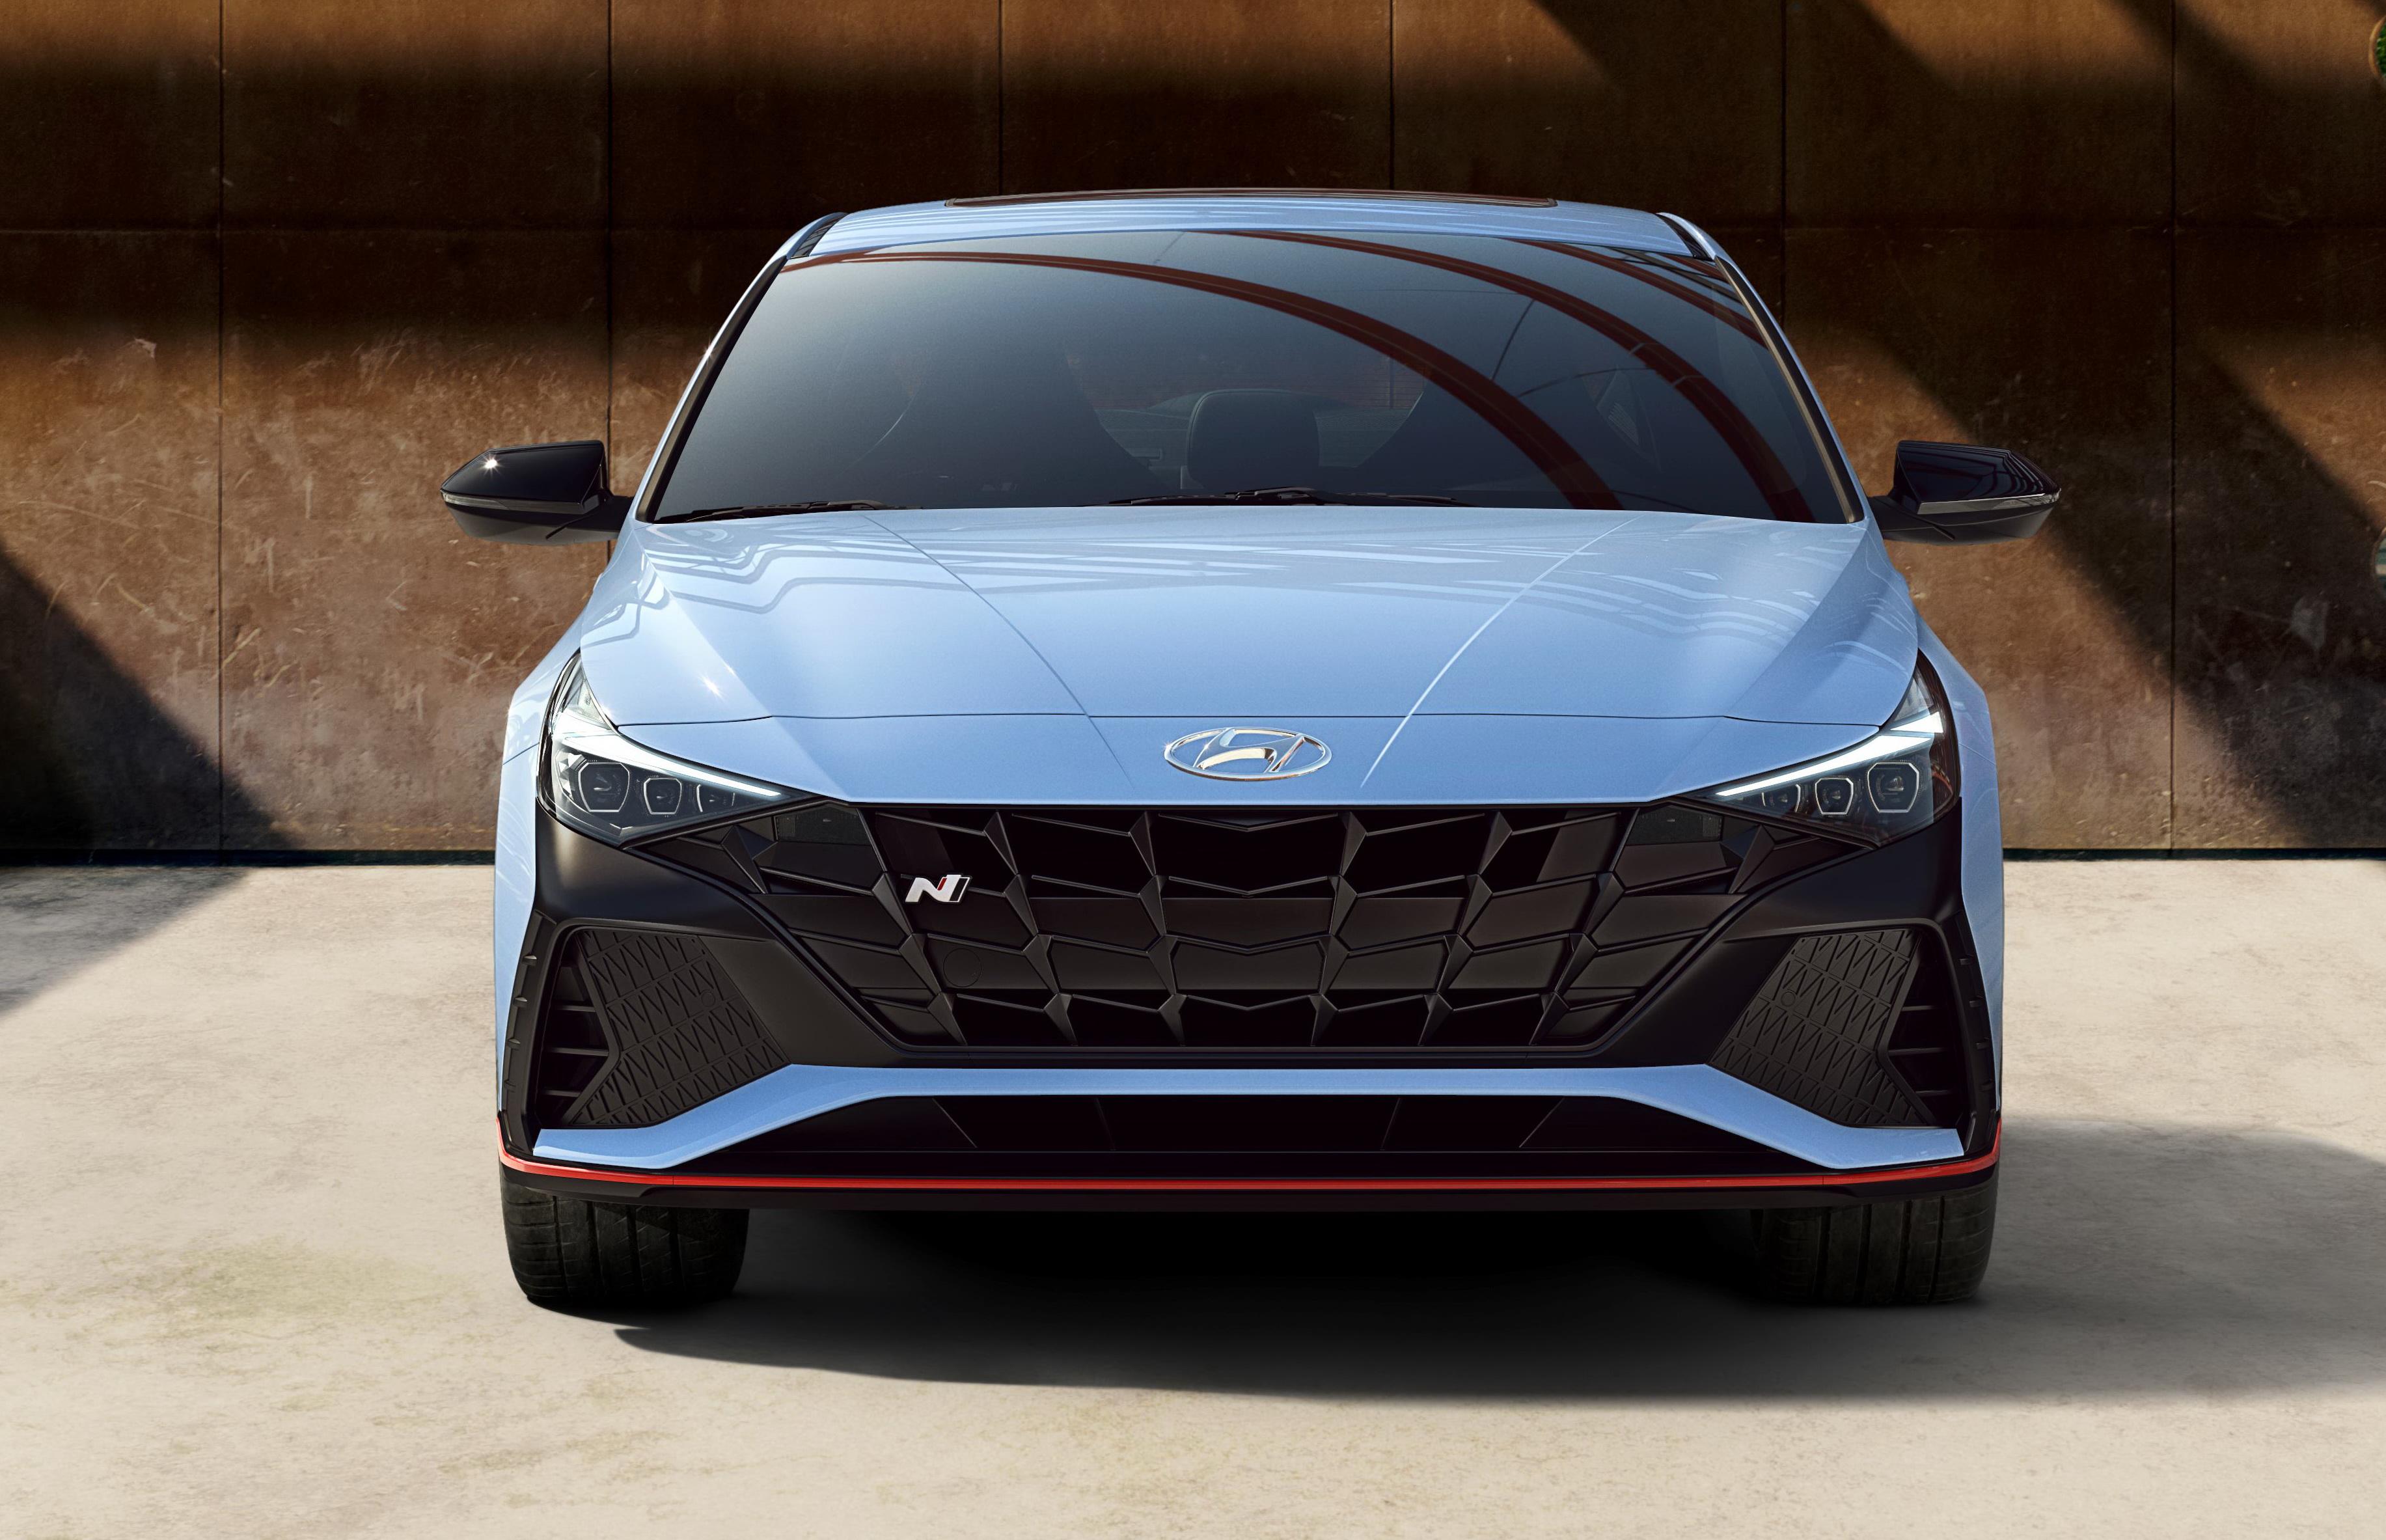 Chi tiết Hyundai Elantra N 2022 vừa chính thức ra mắt - Ảnh 4